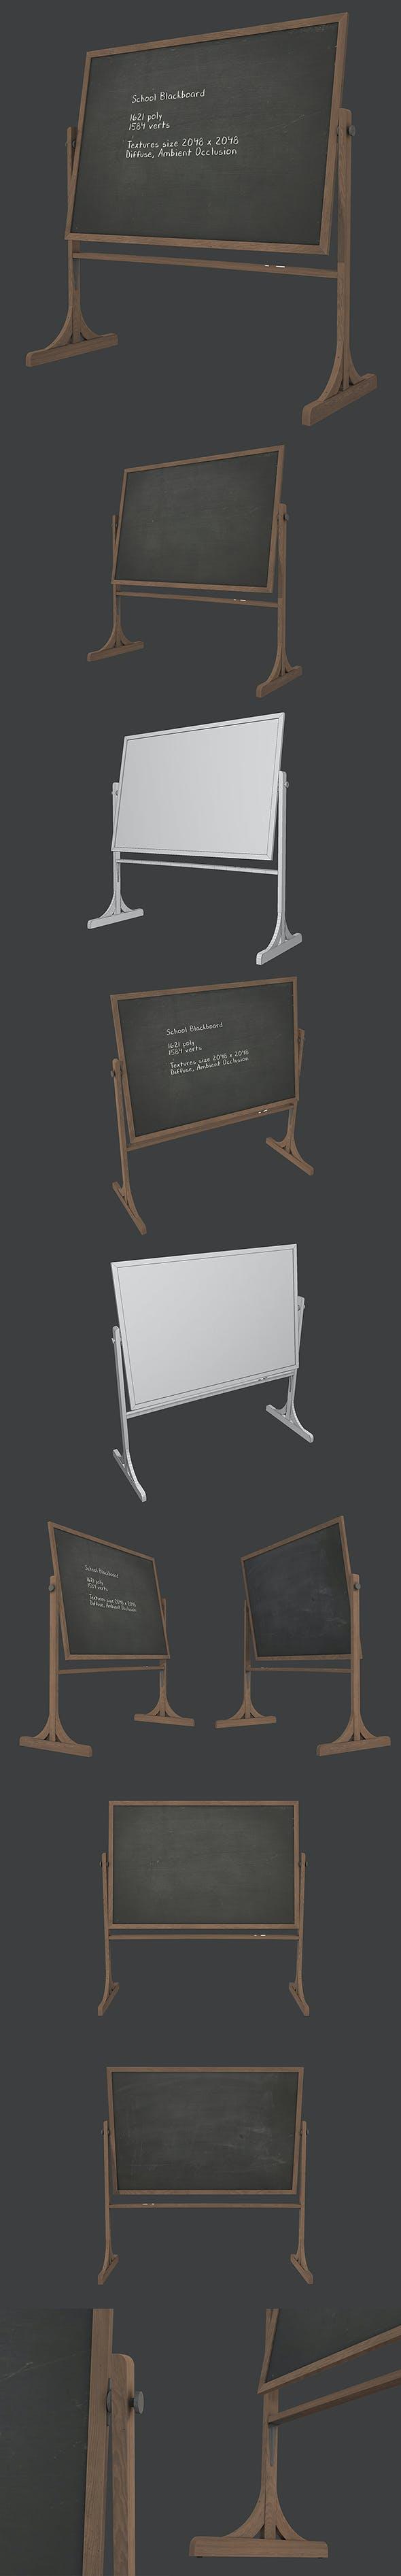 School Blackboard - 3DOcean Item for Sale